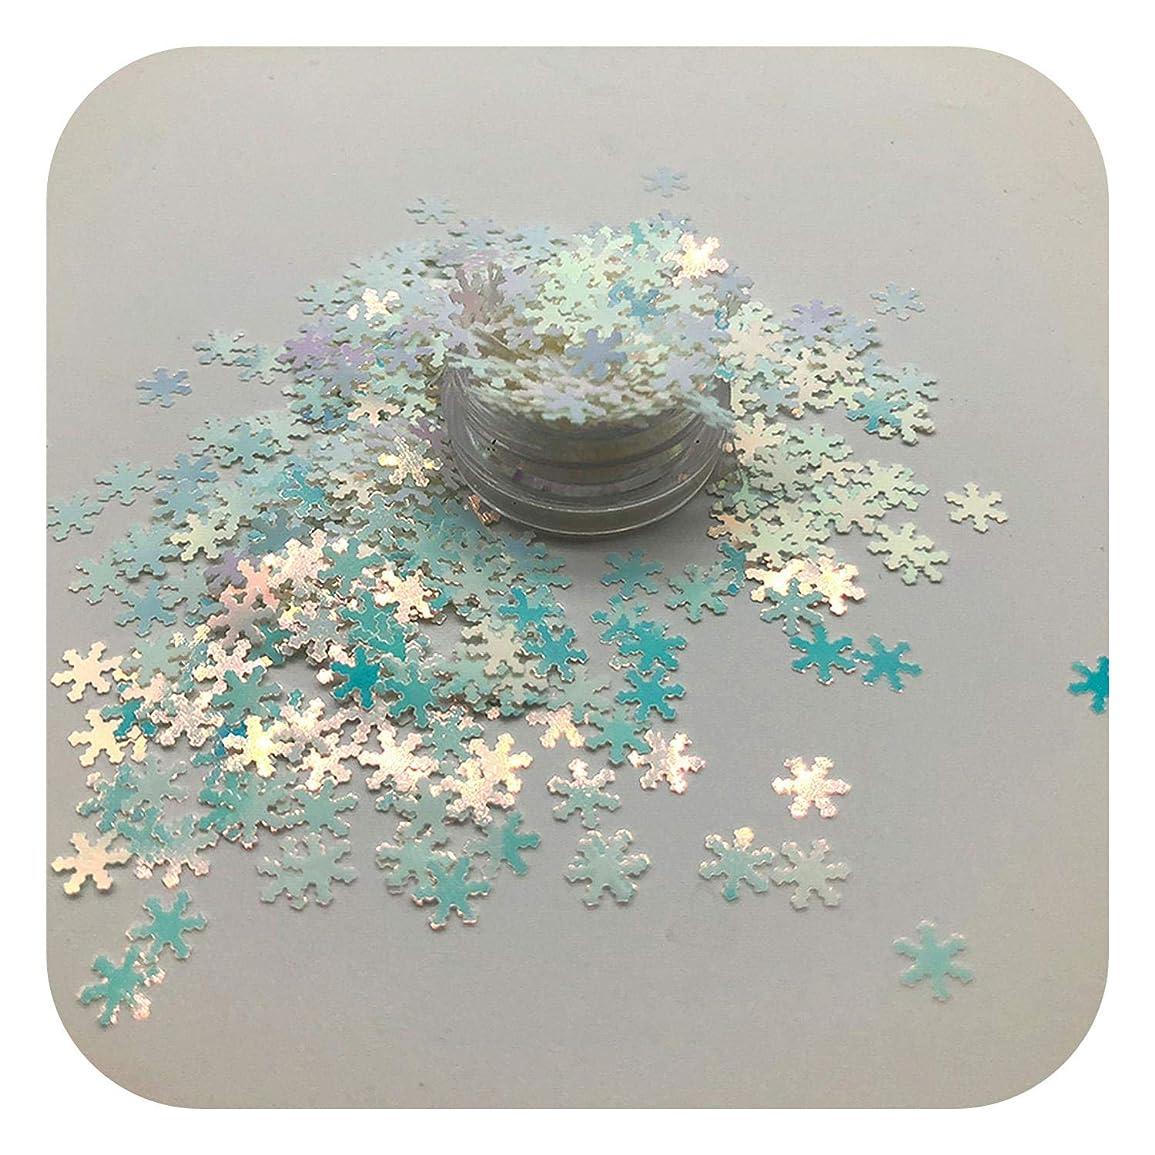 アグネスグレイオリエンテーションシャックル新しいホログラフィックレーザーレインボースノーネイルアートフラワースパンコールフェスティバルパーティーの装飾